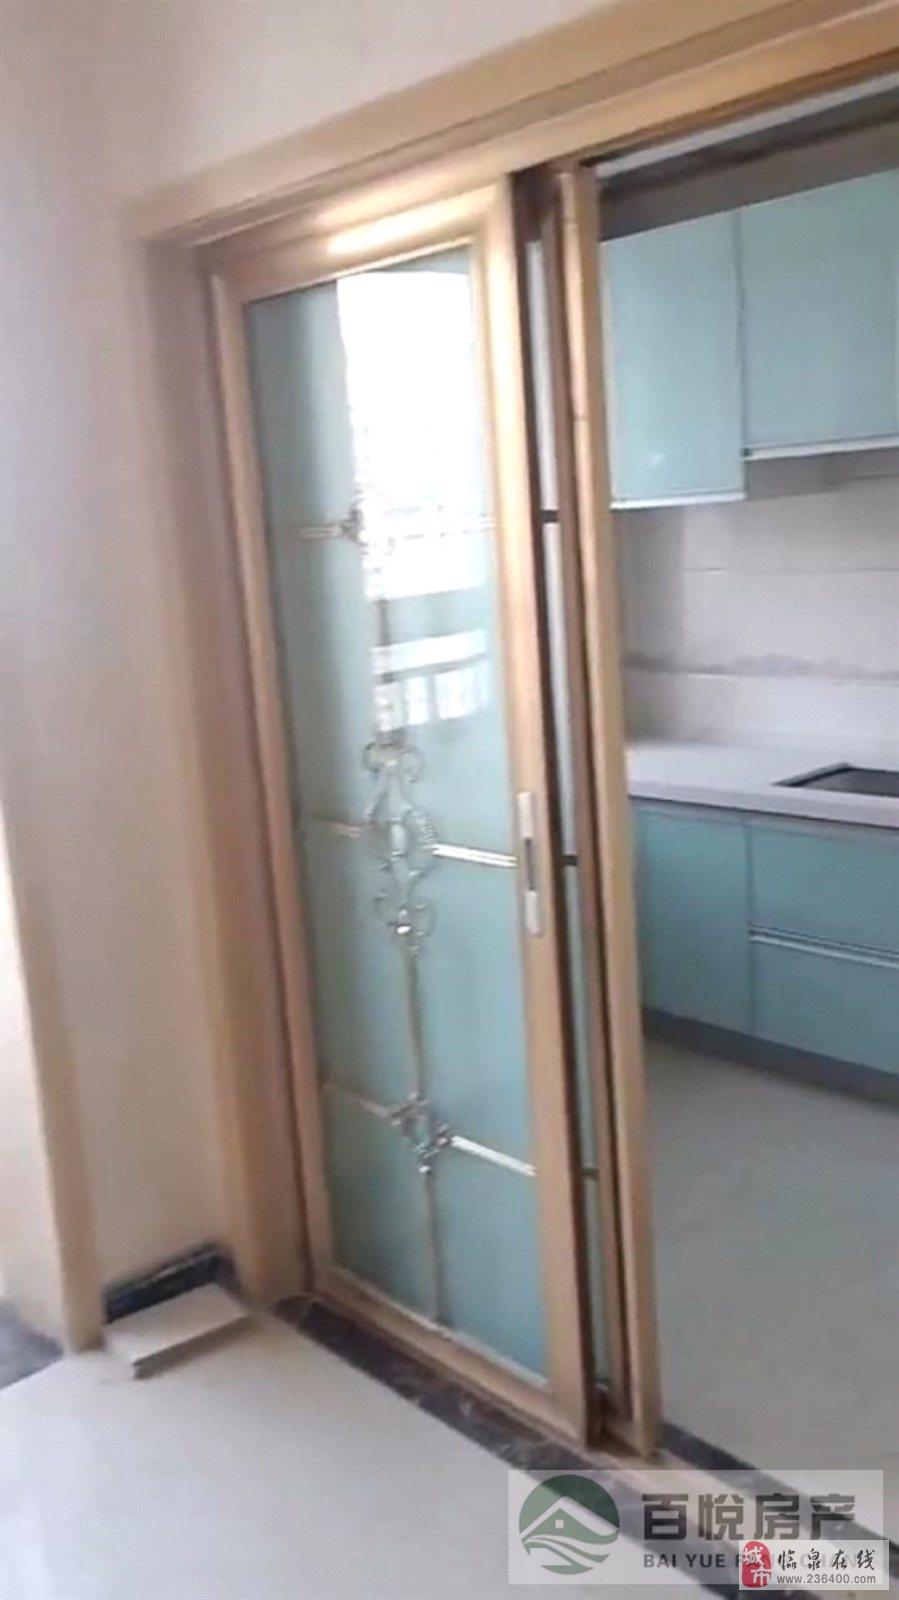 中泰锦城3室2厅2卫88万元